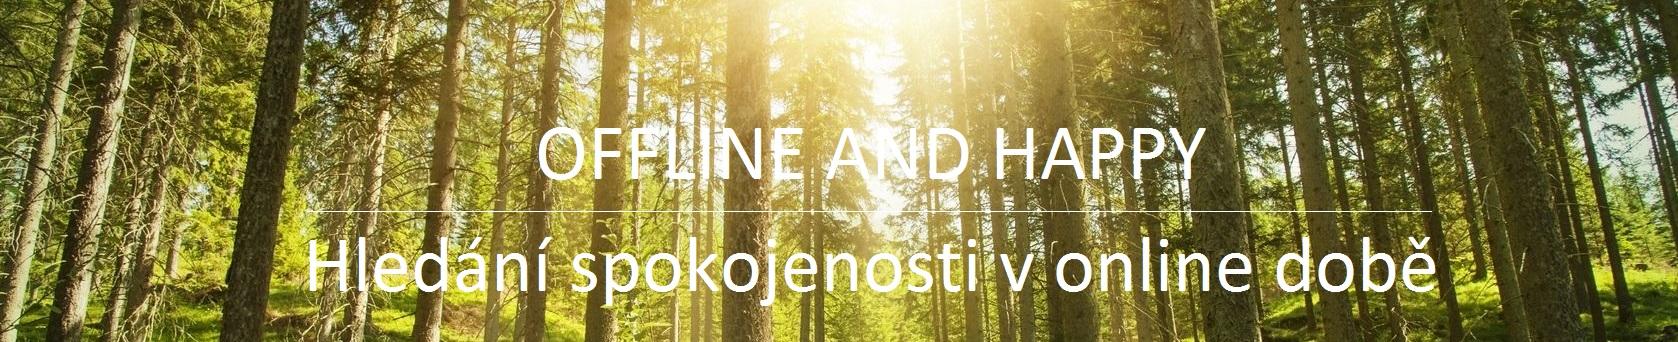 Offline and happy